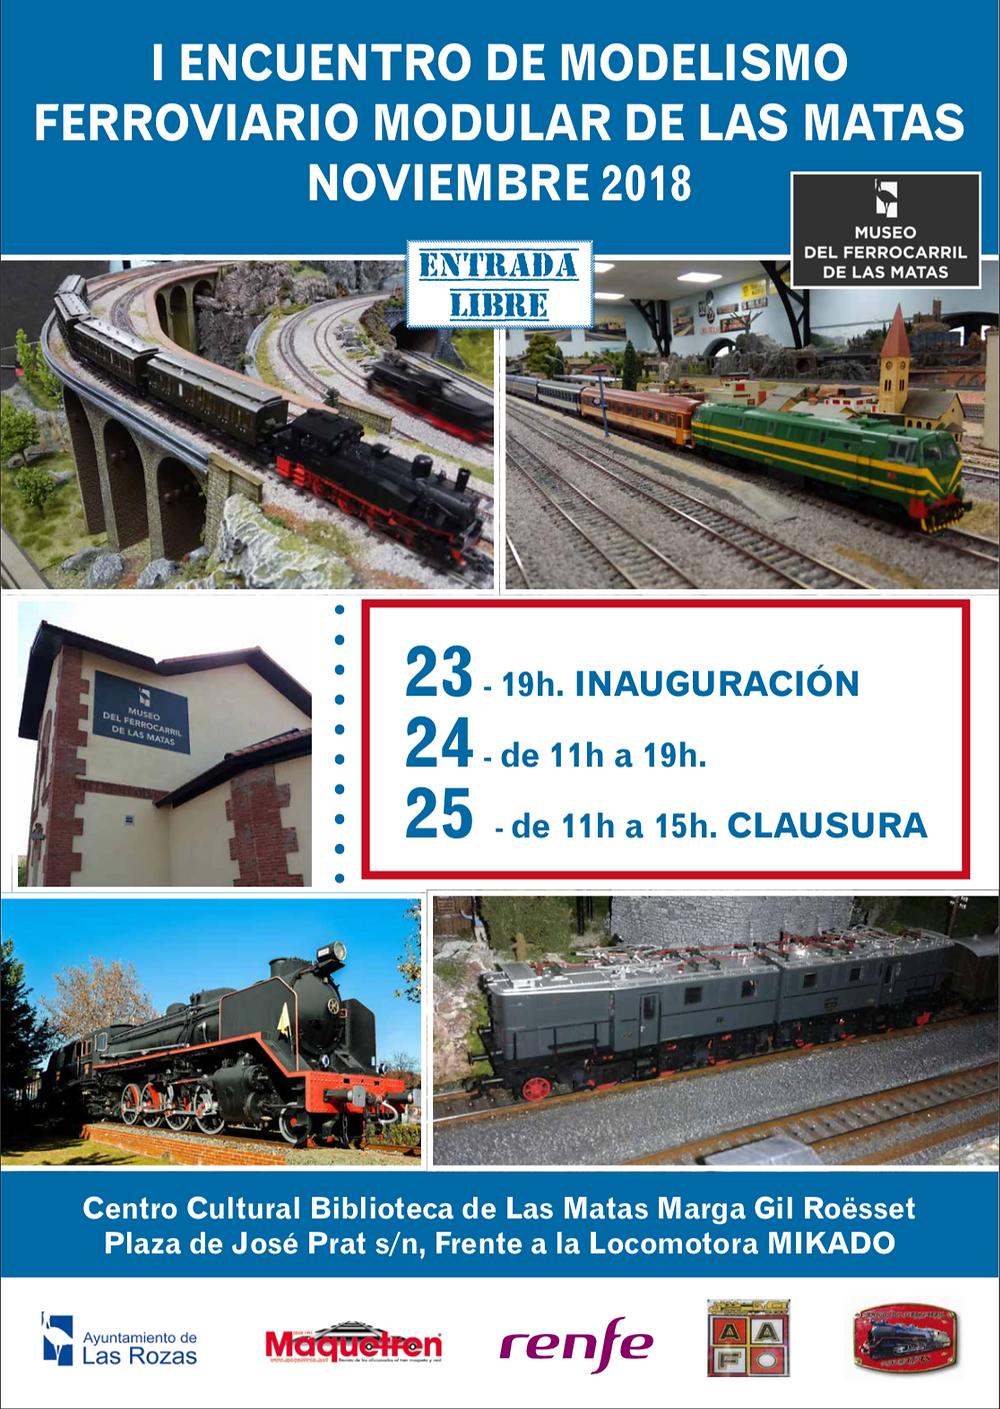 Información sobre el encuentro de modelismo ferroviario modular de Las Rozas